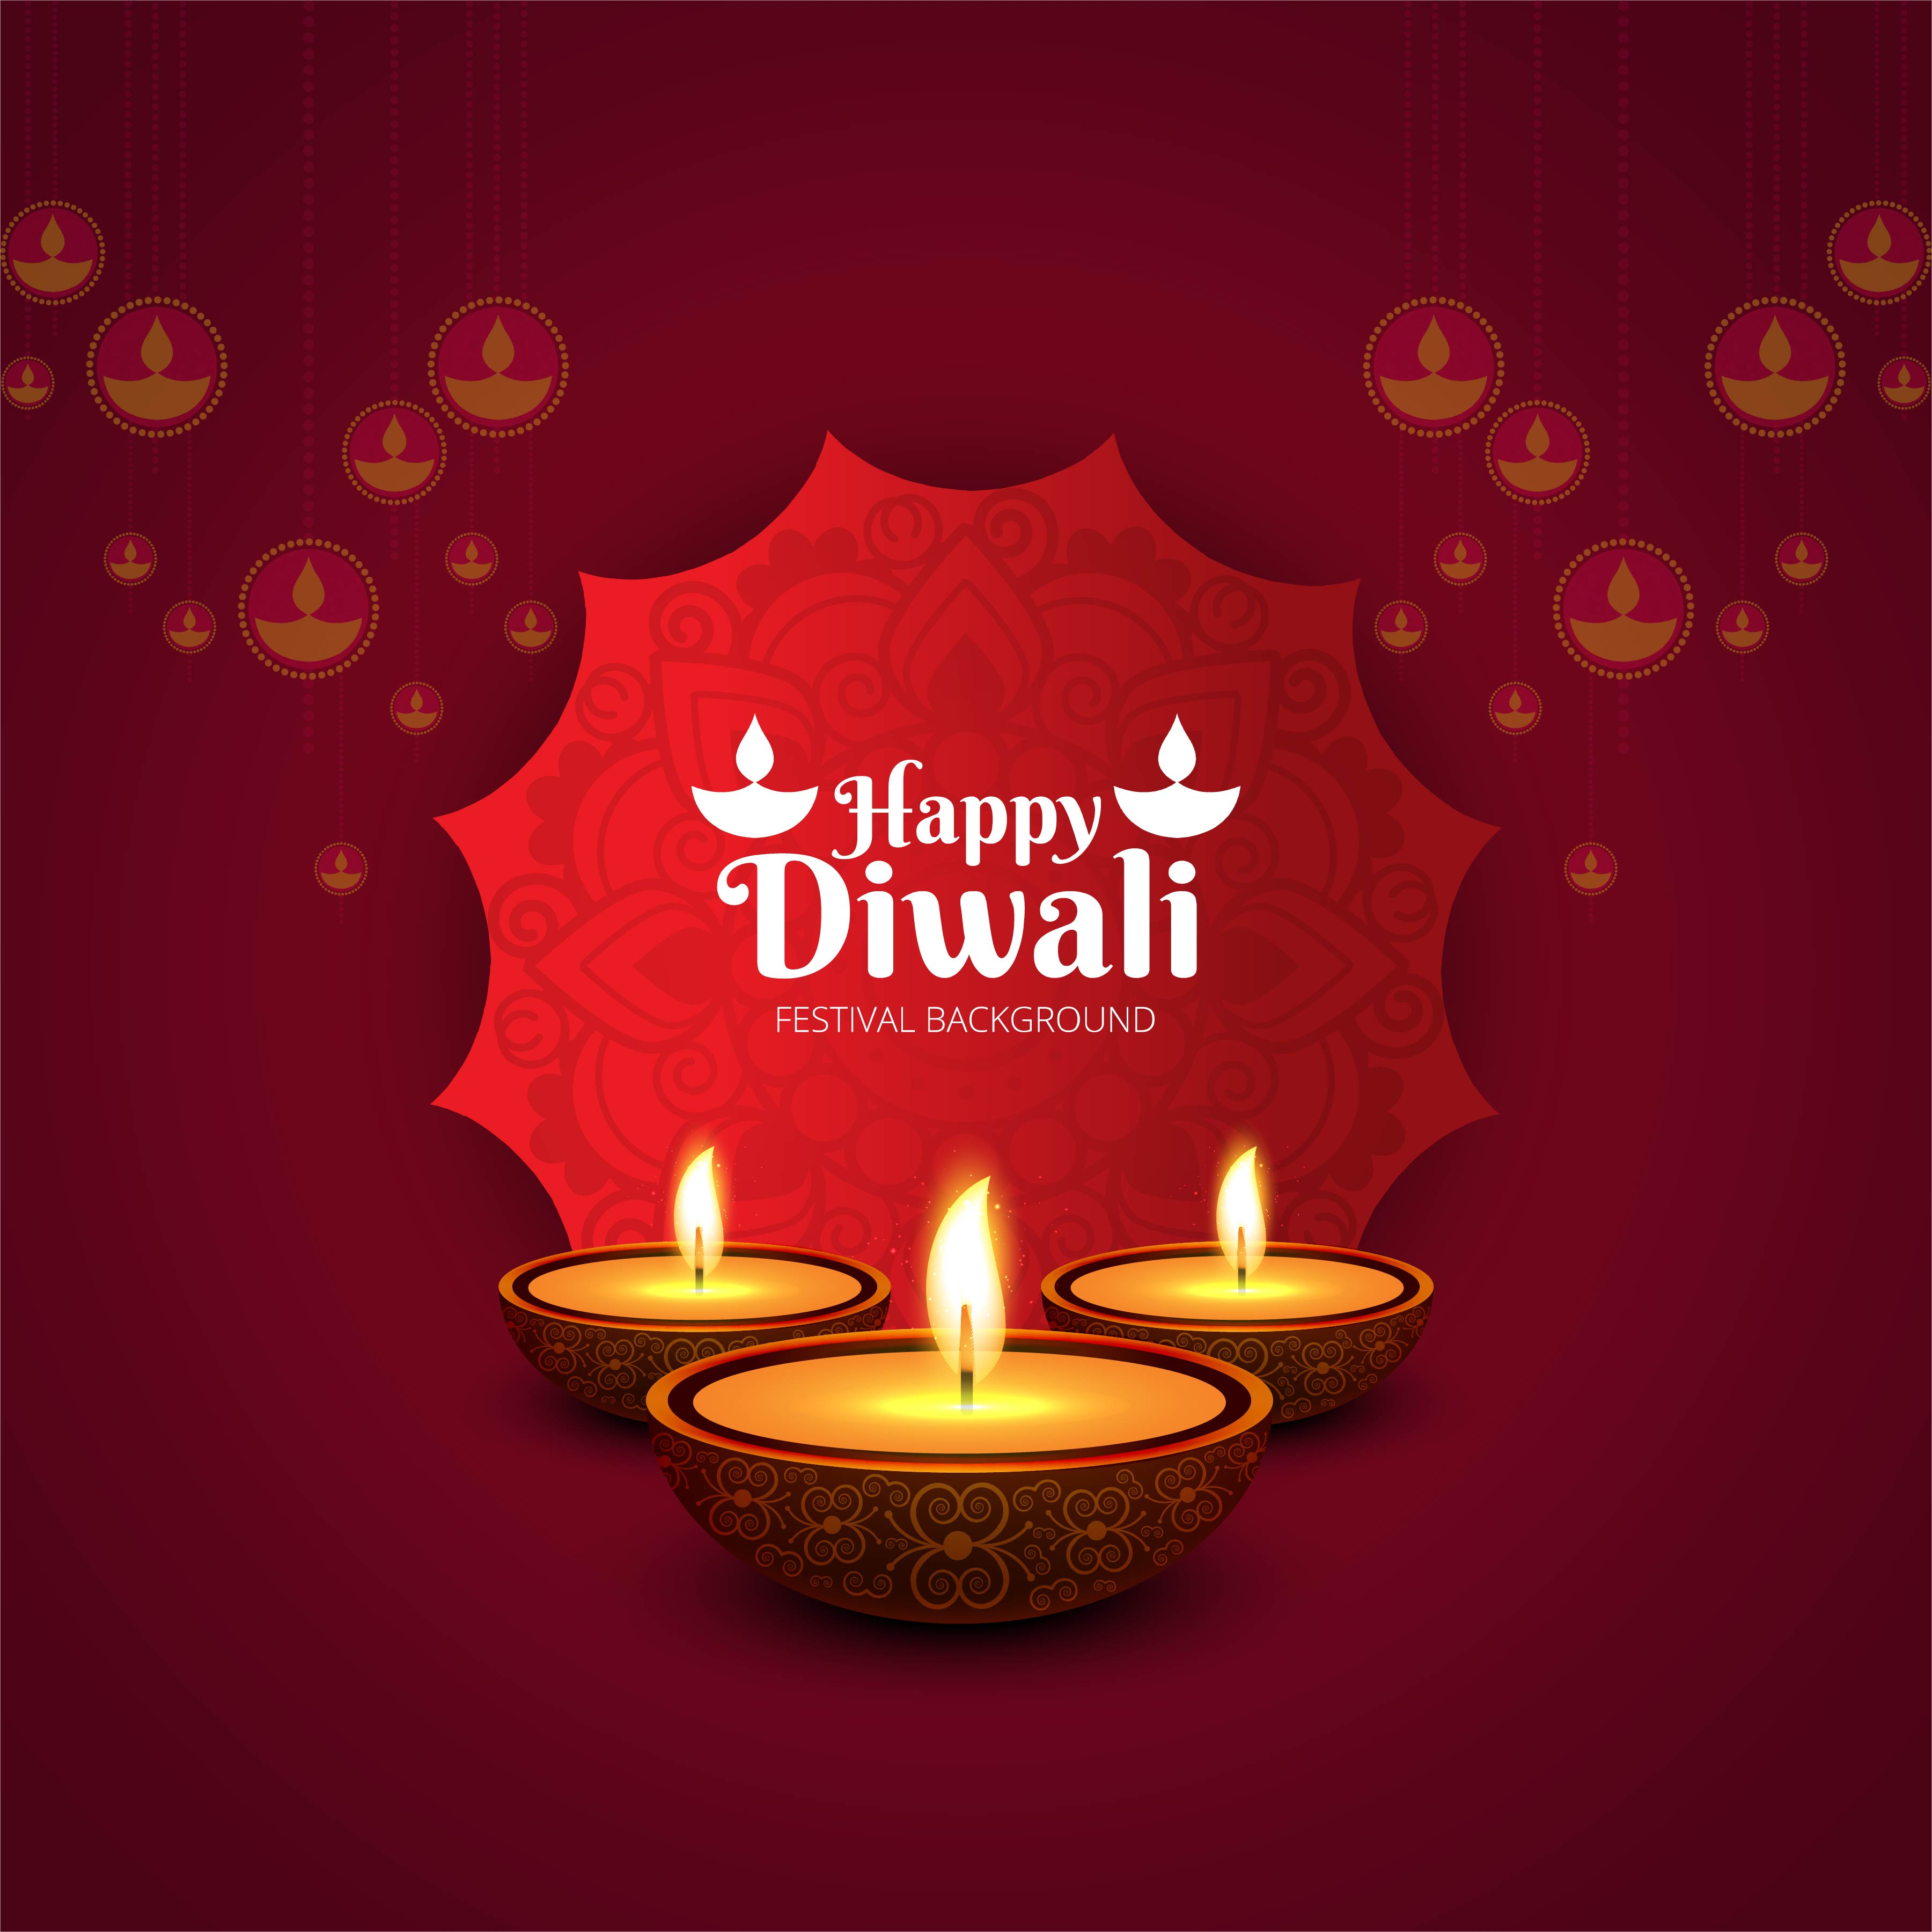 Design Lumineux Moderne Et Colore De Diwali Telecharger Vectoriel Gratuit Clipart Graphique Vecteur Dessins Et Pictogramme Gratuit